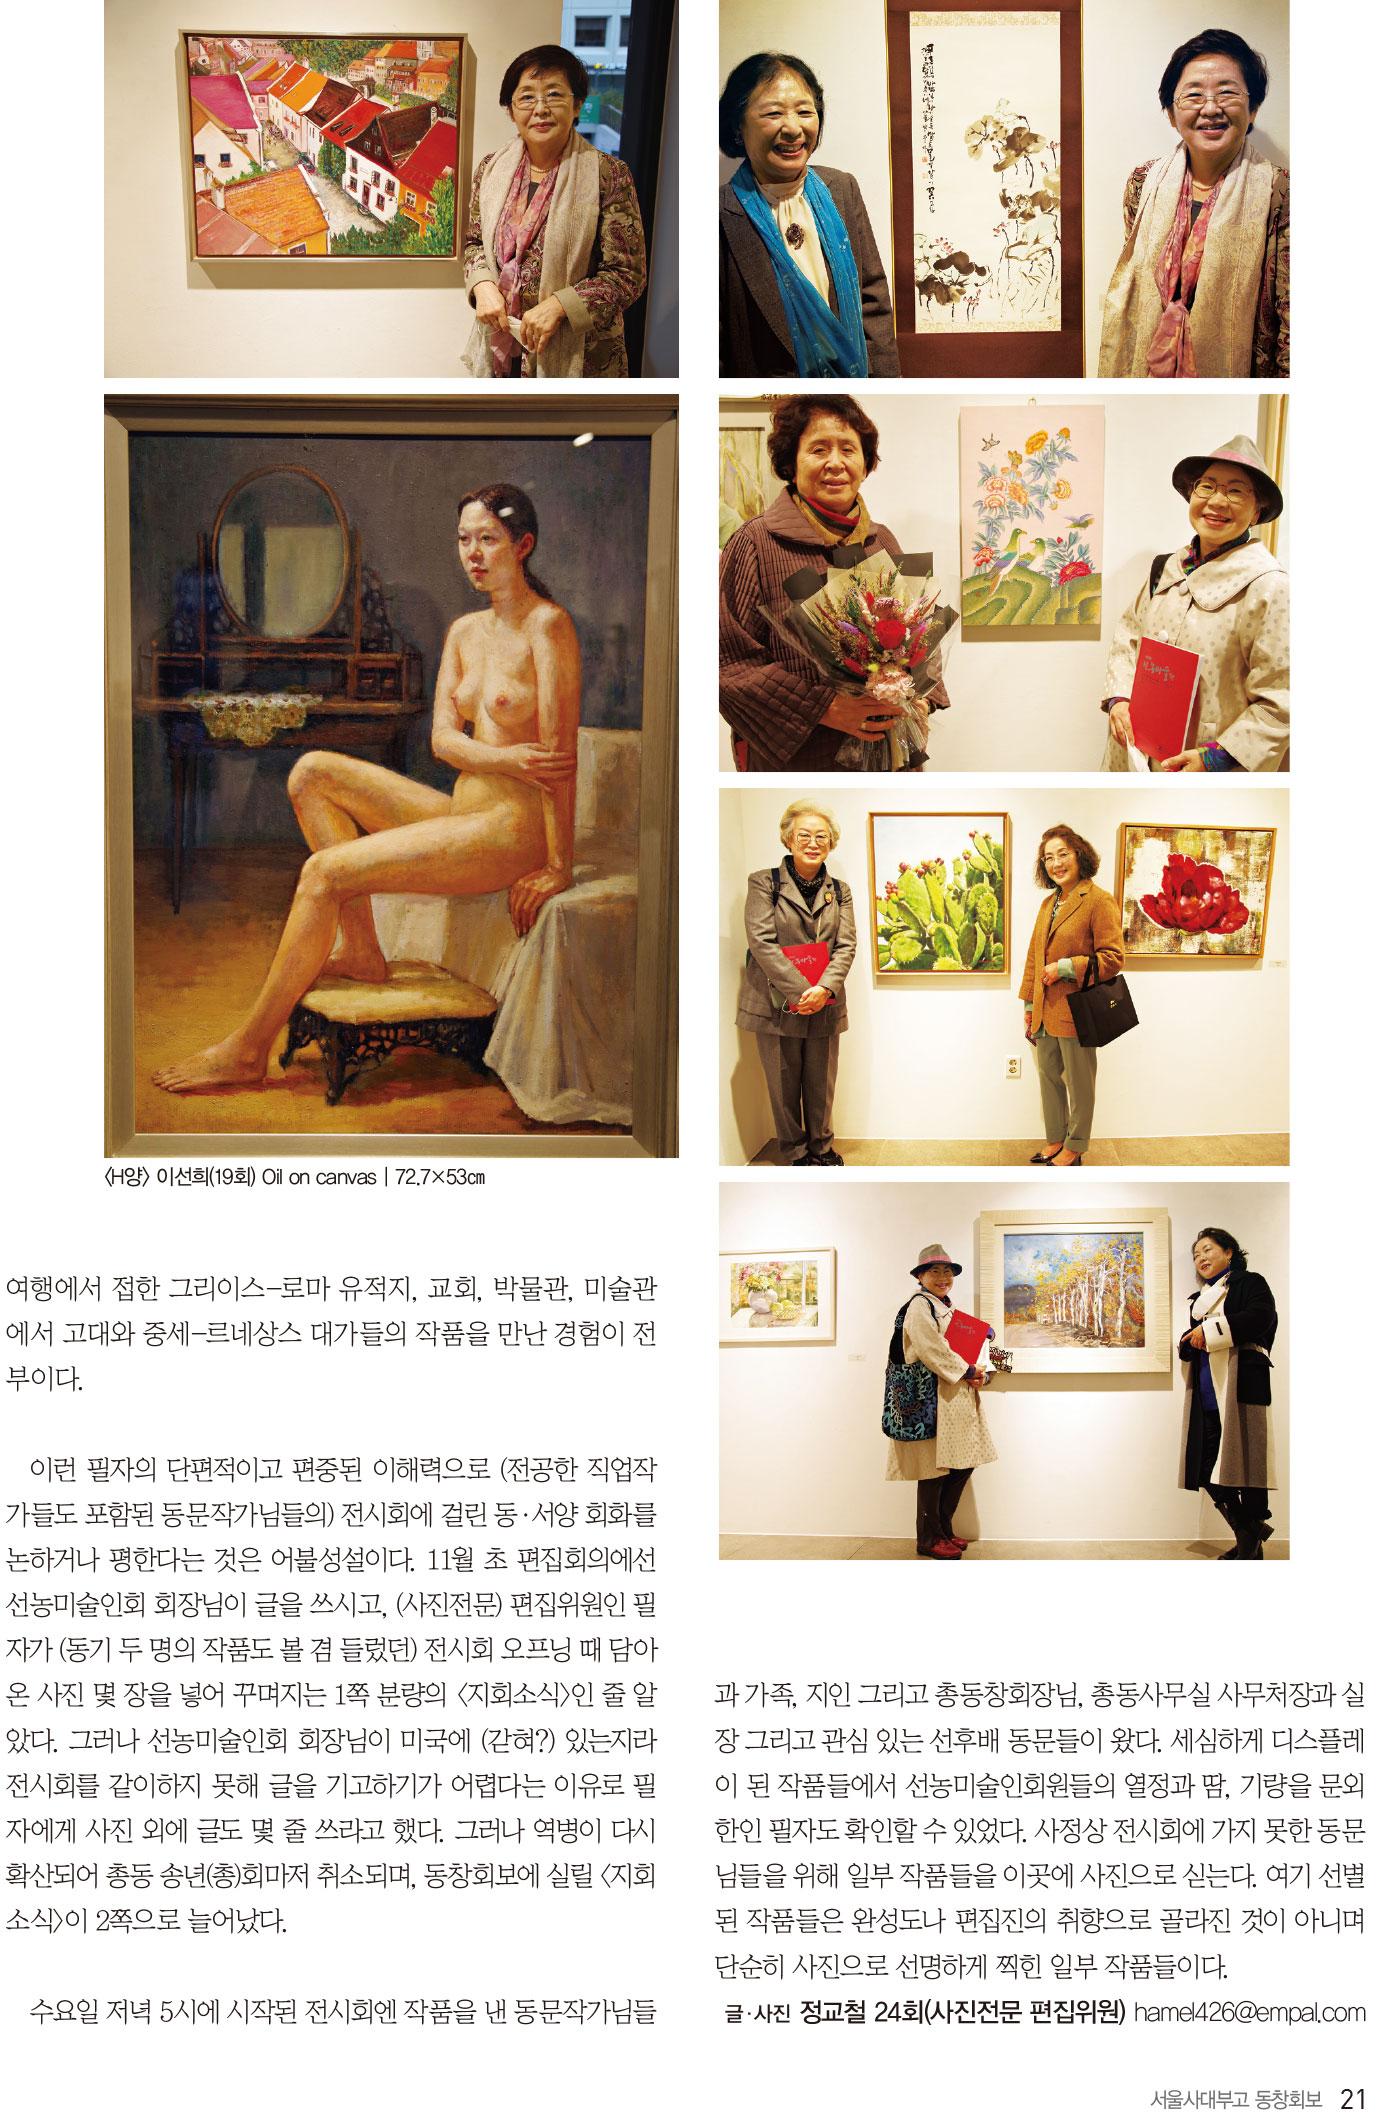 서울사대부고-115호-홈페이지-21.jpg